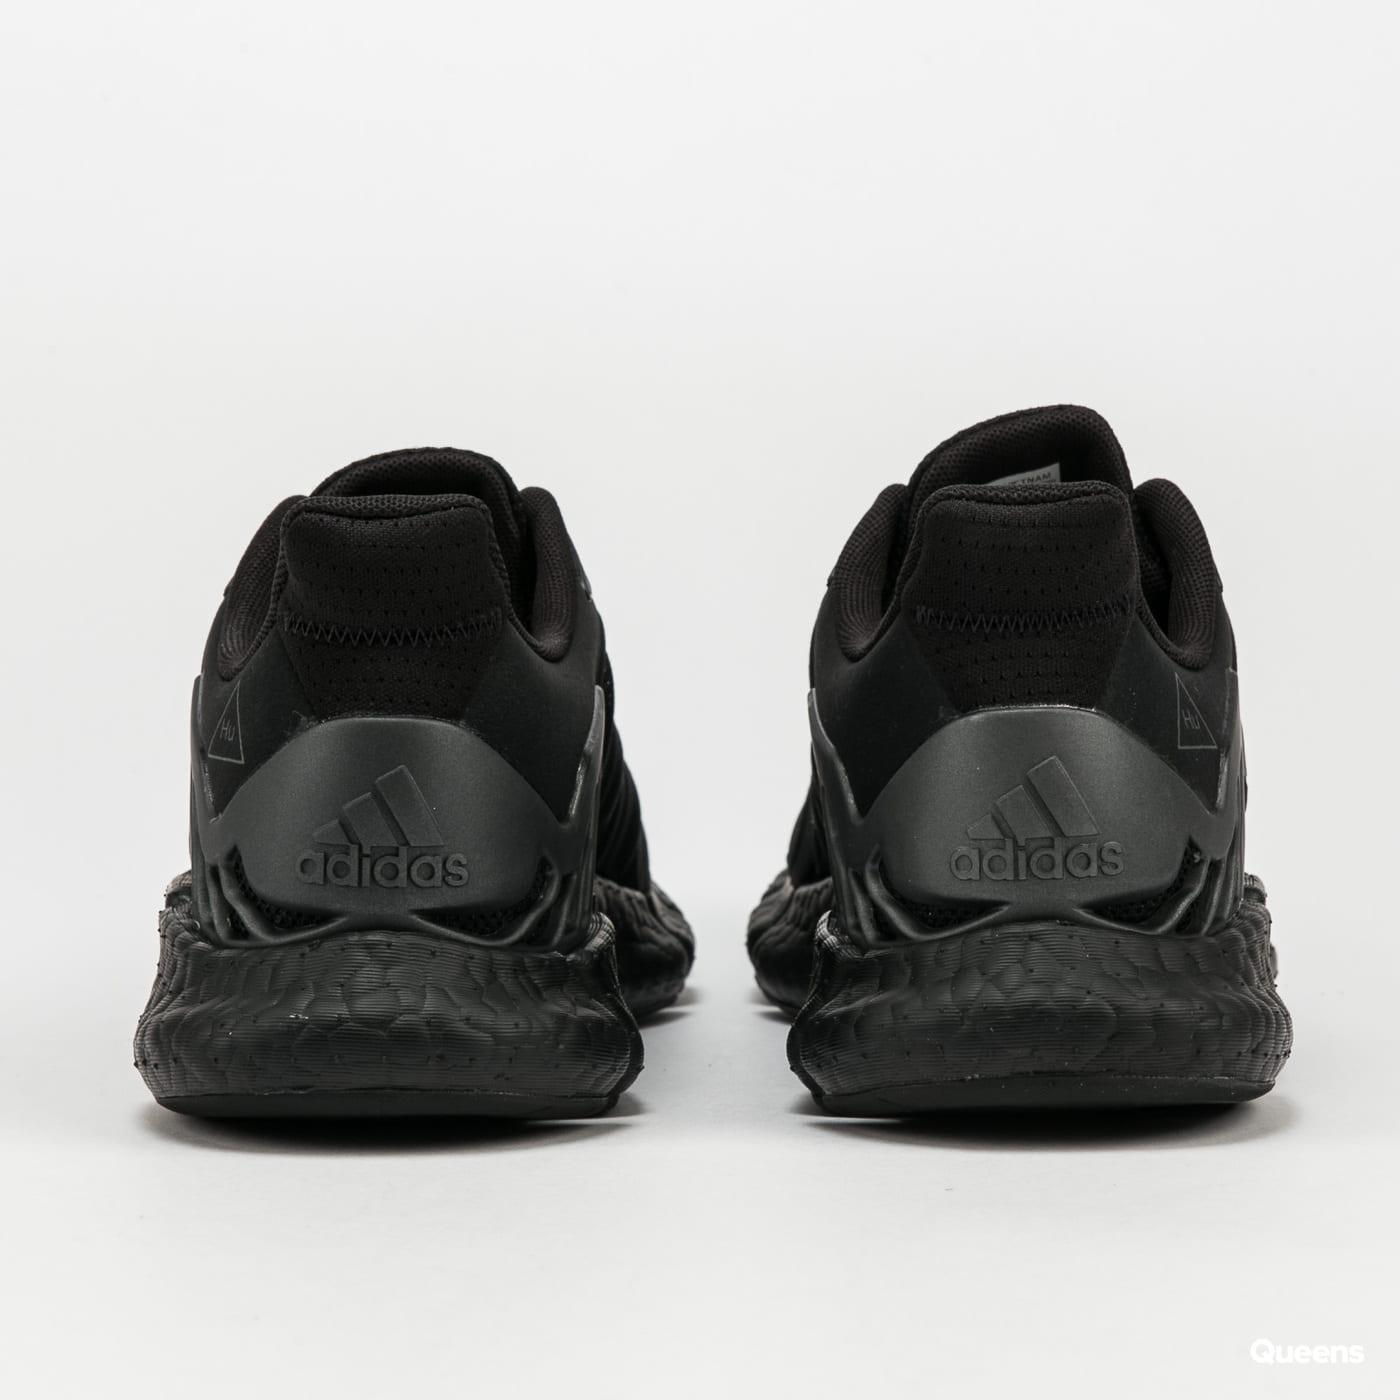 adidas Performance Pharrell Williams ClimaCool Vento cblack / cblack / cblack